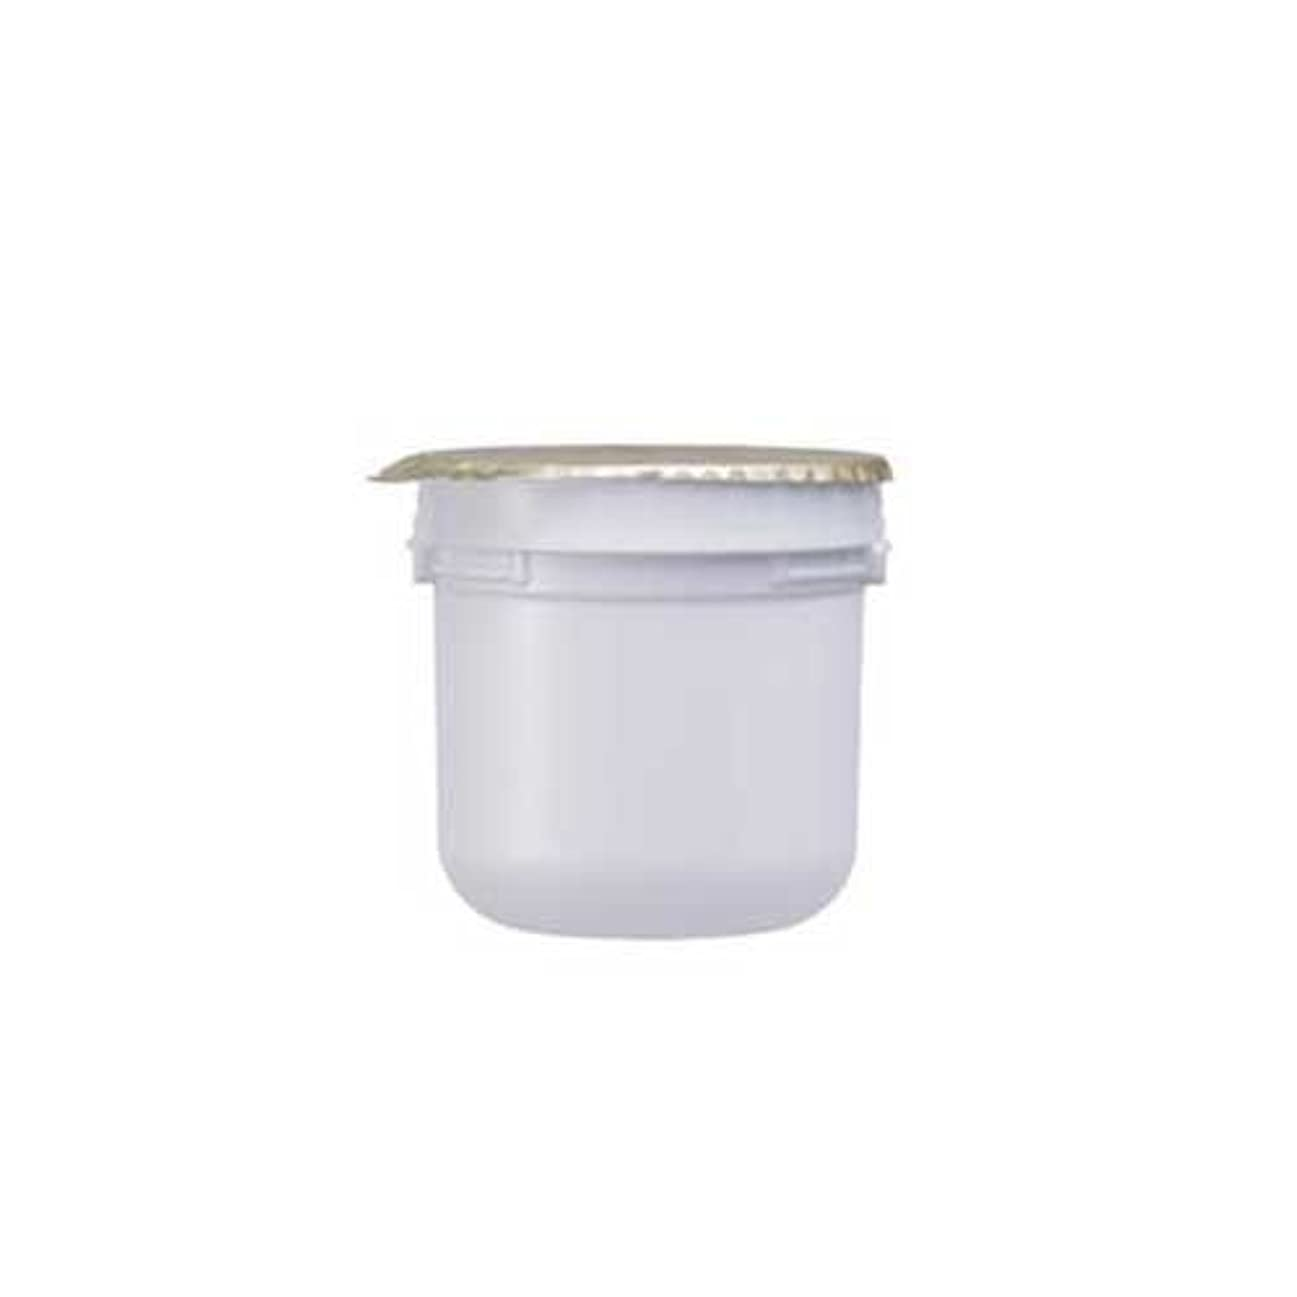 端末おじいちゃんマイコンASTALIFT(アスタリフト) ホワイト クリーム(美白クリーム)レフィル 30g